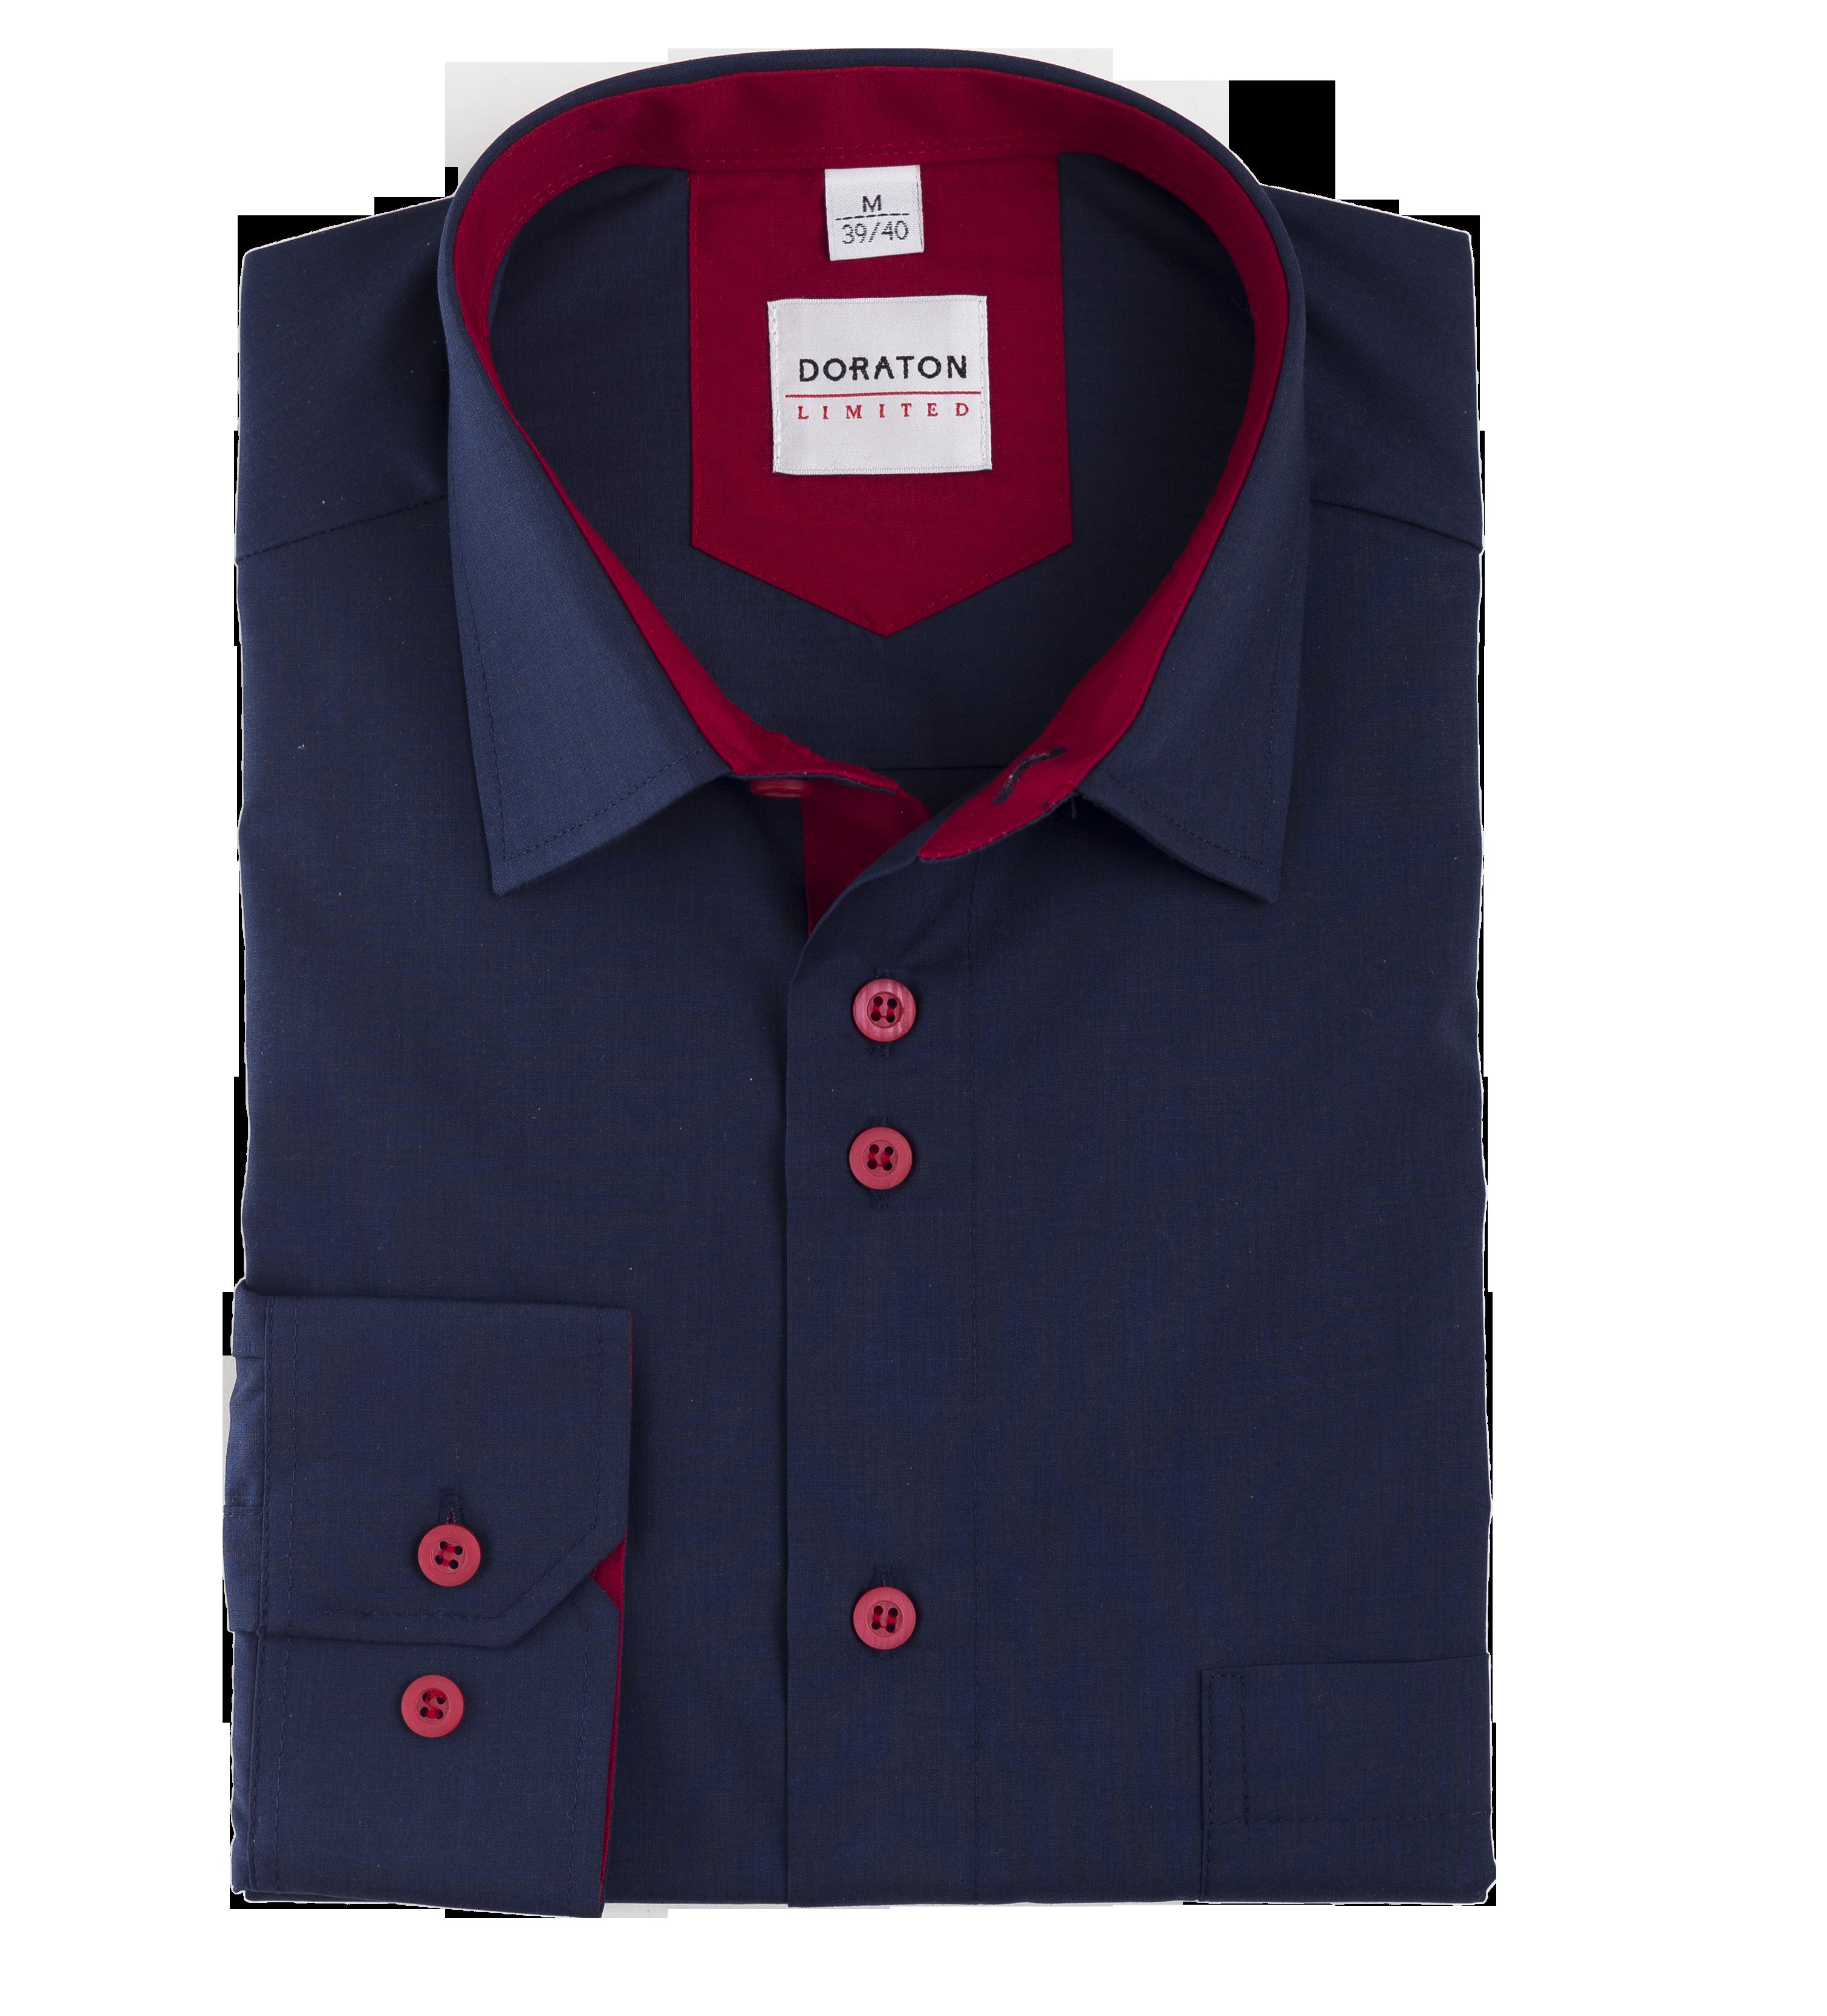 K31 - Koszula męska DORATON slim z długim rękawem